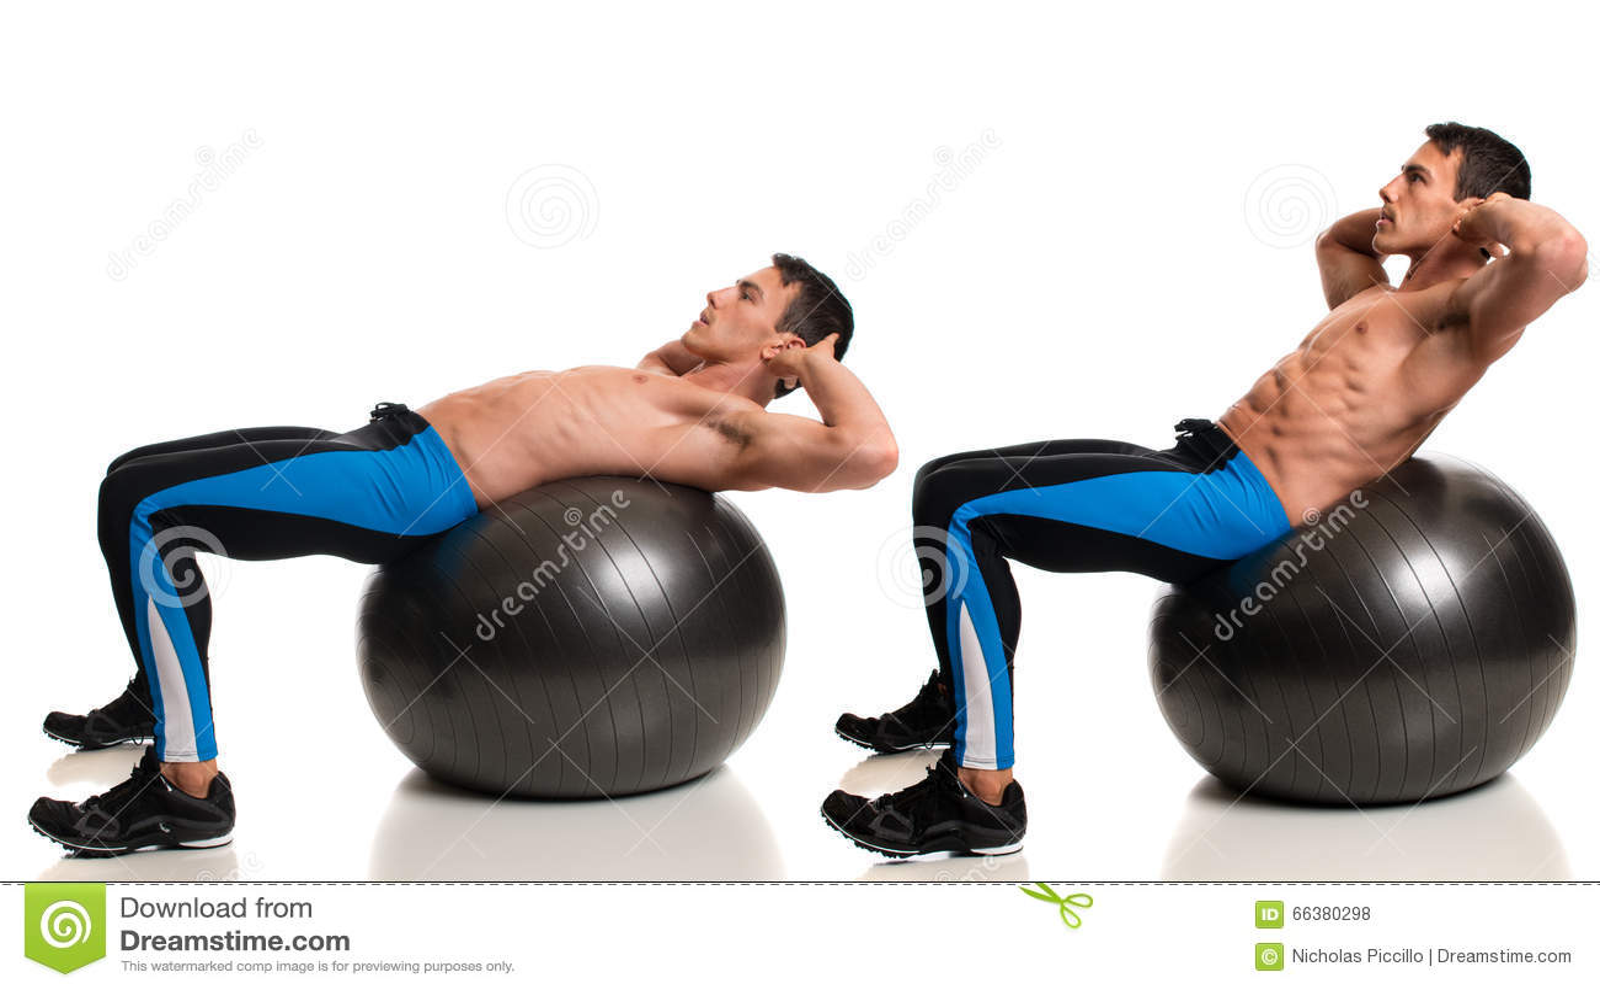 Gymnastikball-Übung